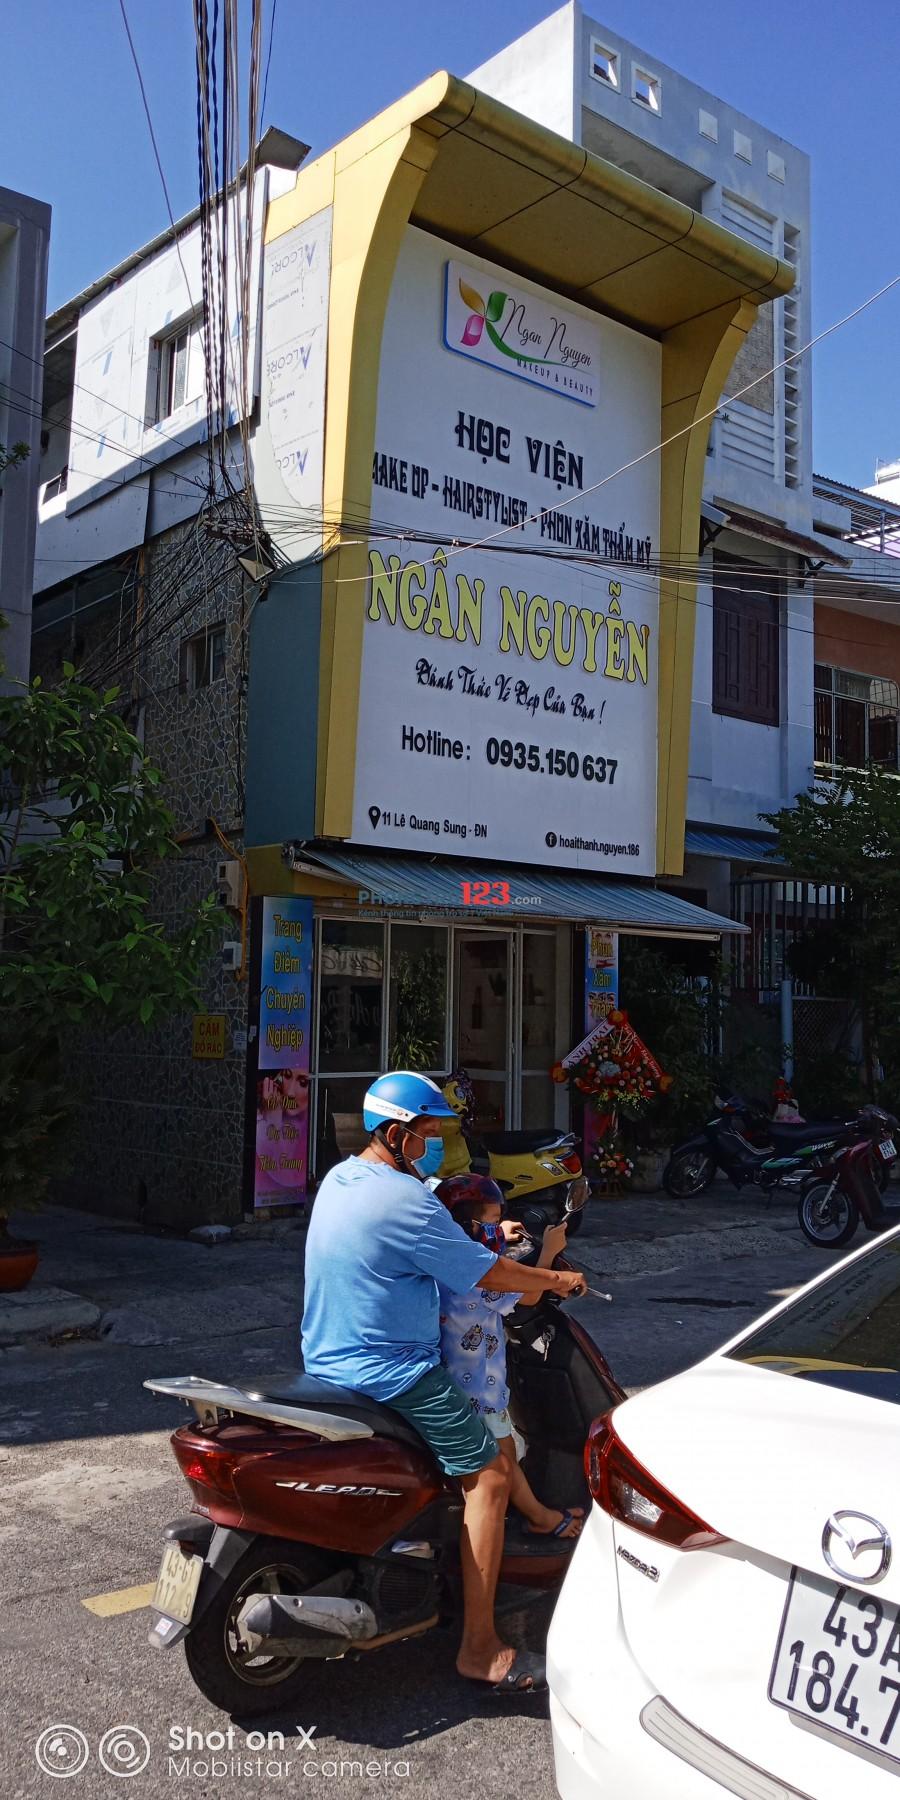 Cho thuê phòng trọ trung tâm quận Thanh khê. Giá 1.5 tr/tháng